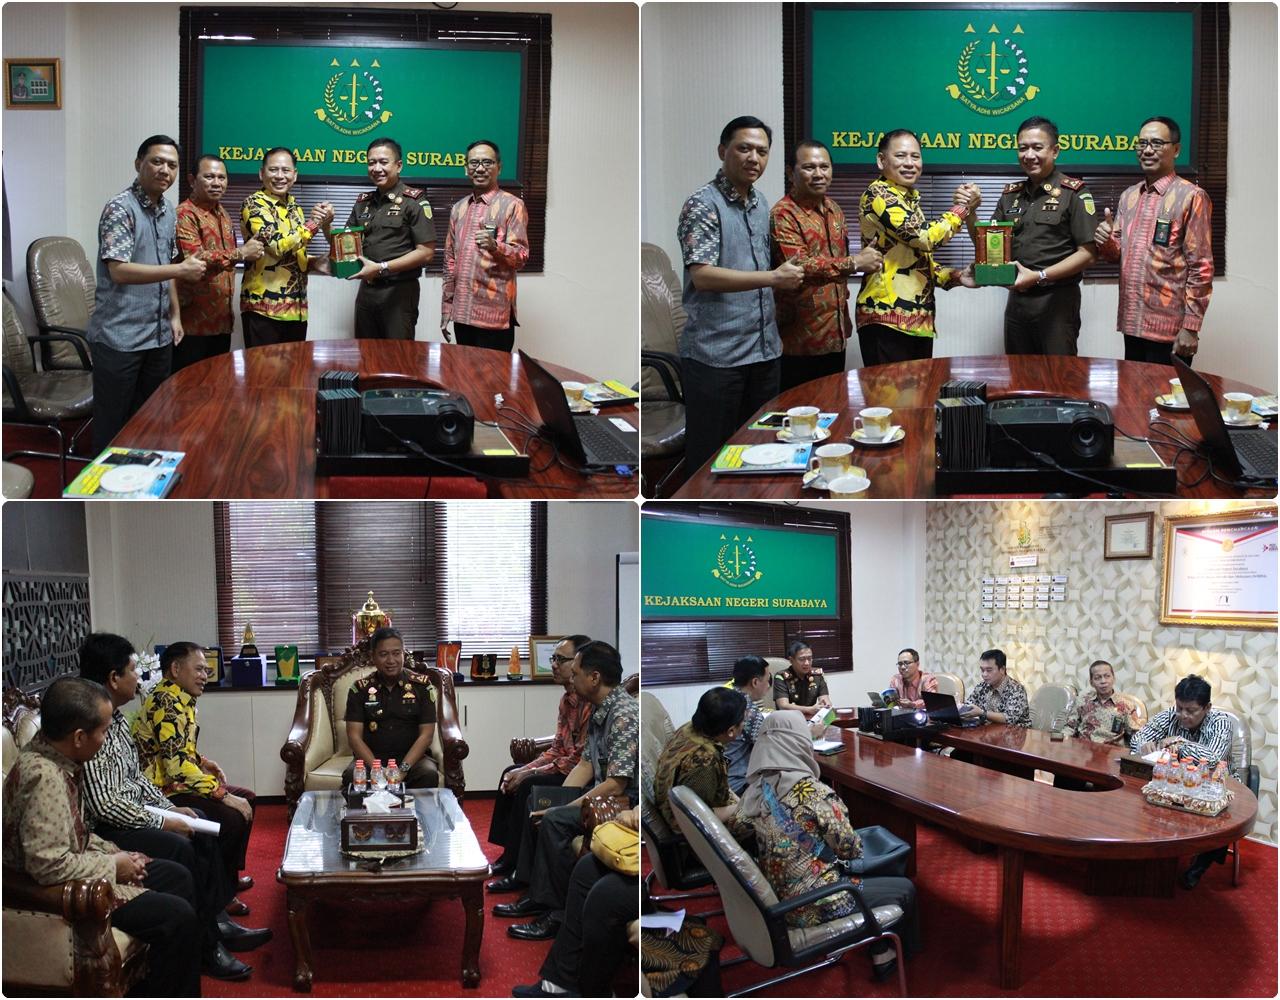 Kunjungan dari Pengadilan Agama Surabaya 06-03-2020